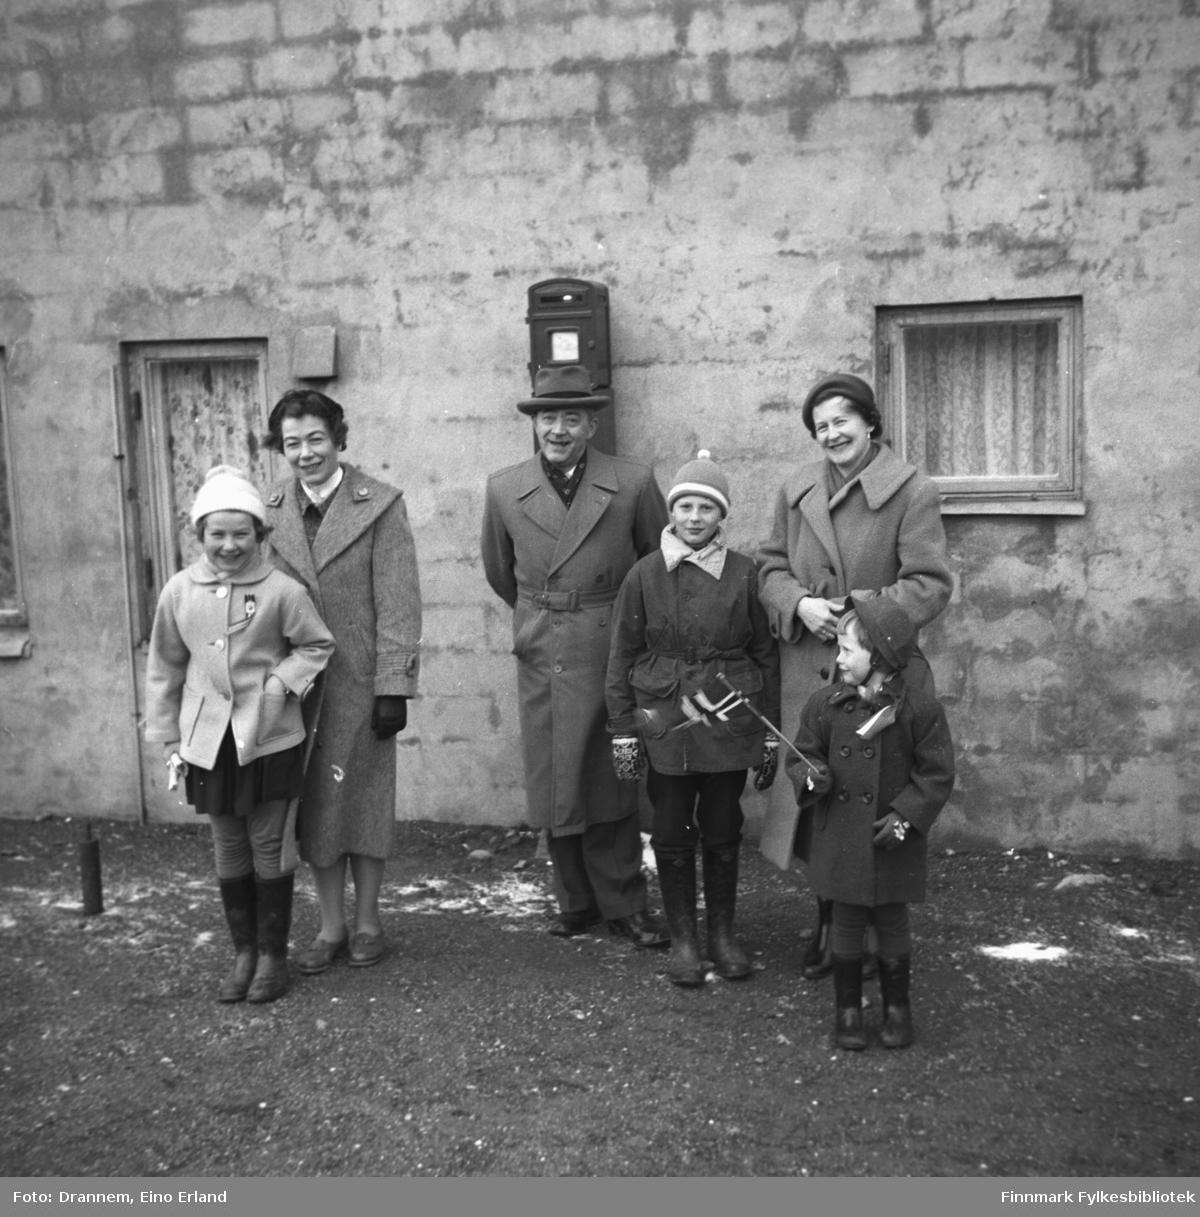 Tre voksne og tre barn klar for 17. mai-feiring utenfor en bolig i Hammerfest. Turid Karikoski står hel til venstre med moren Jenny Drannem like bak. De fire andre er familien Sørensen, fornavn ukjent.